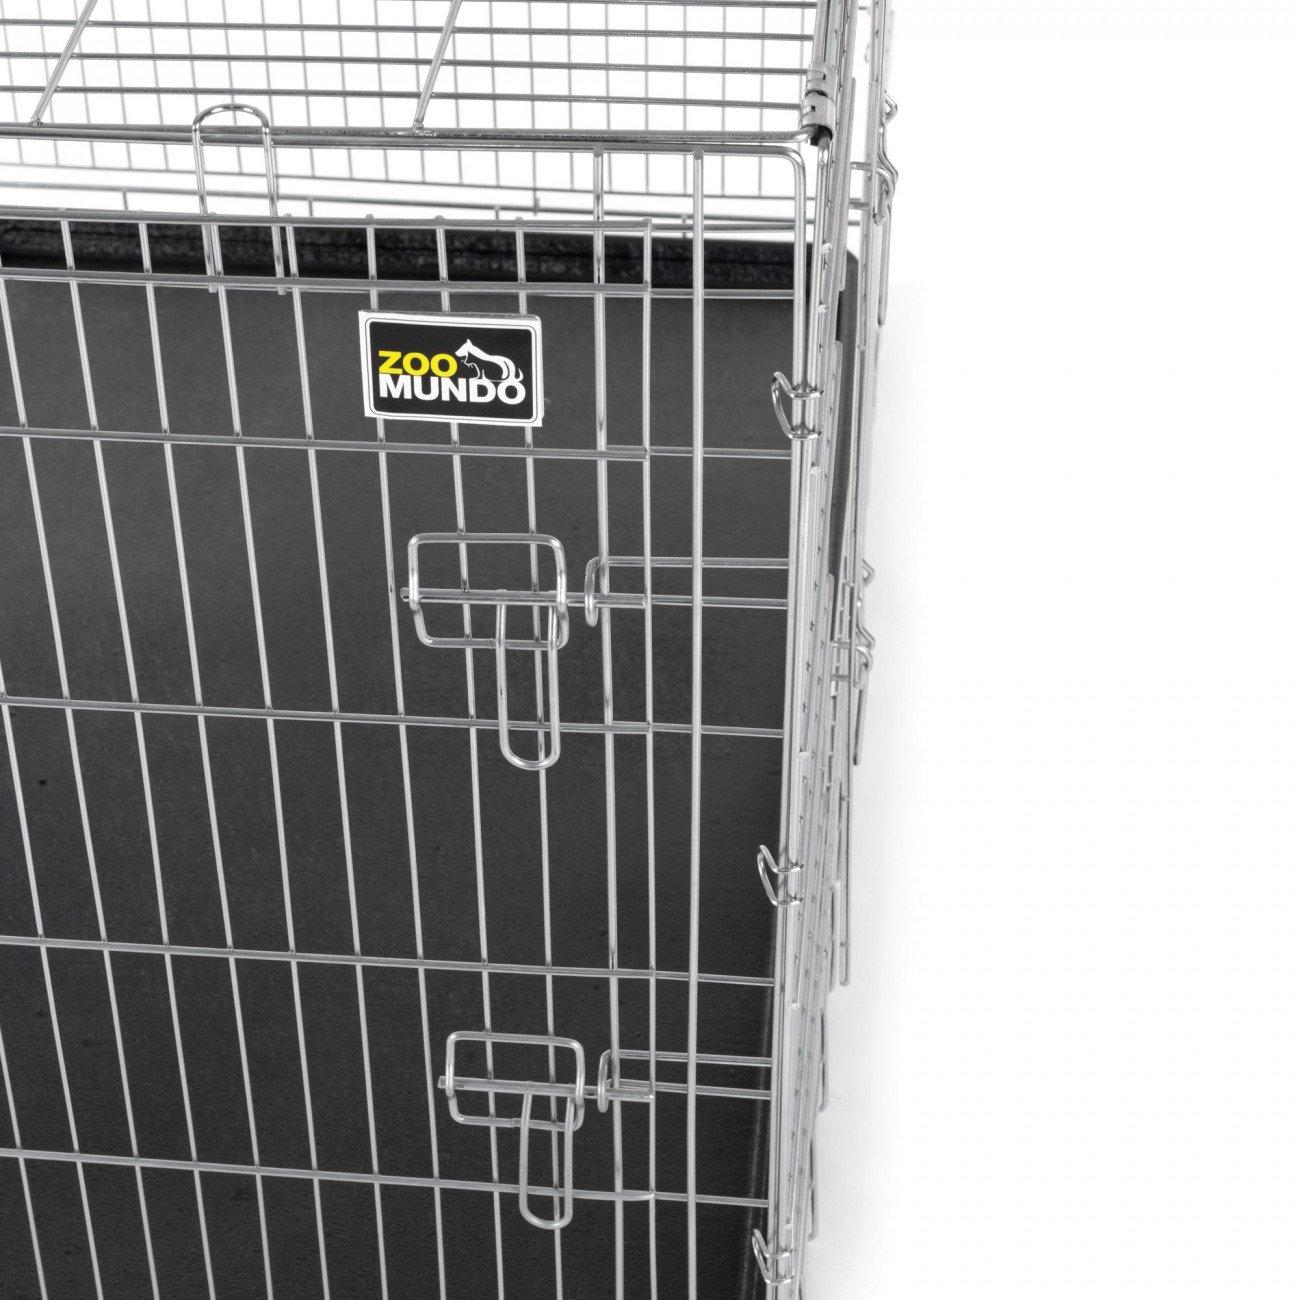 zoomundo Altezza L Gabbia Metallo Pieghevole per Cani Viaggio Cucciolo Gabbia Animali Trasportino Richiudibile 2 porte